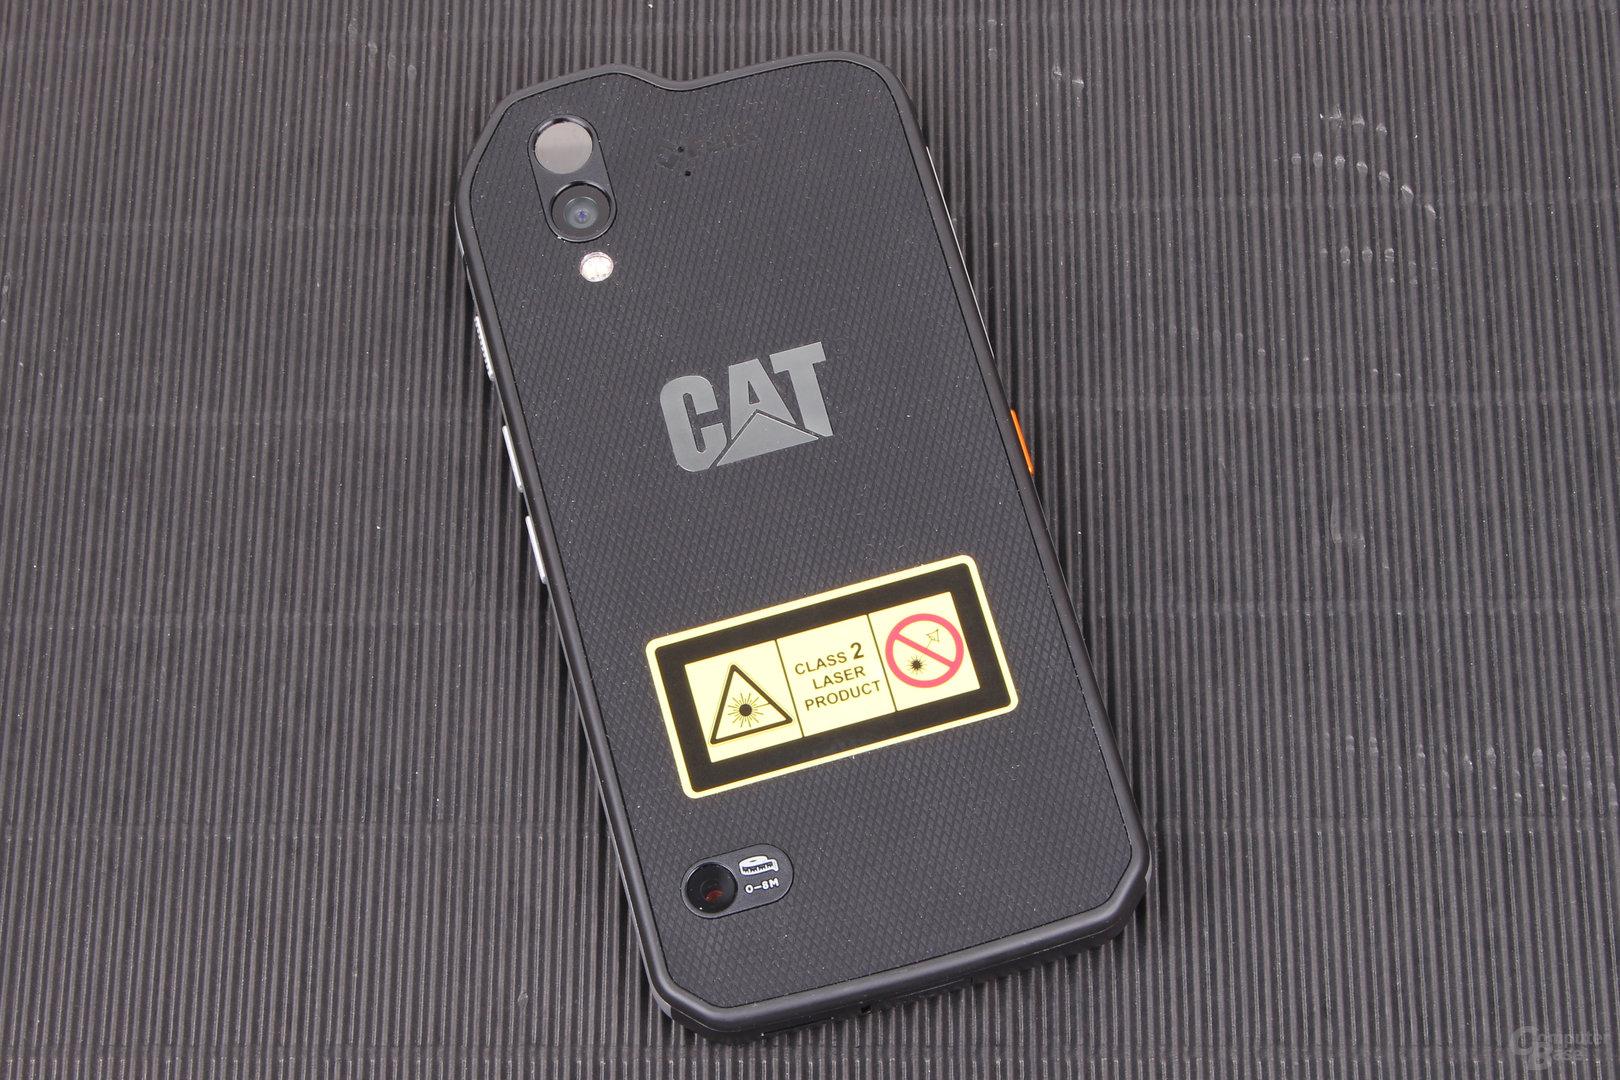 Cat S61 – Rückseite mit Laser und Kameras